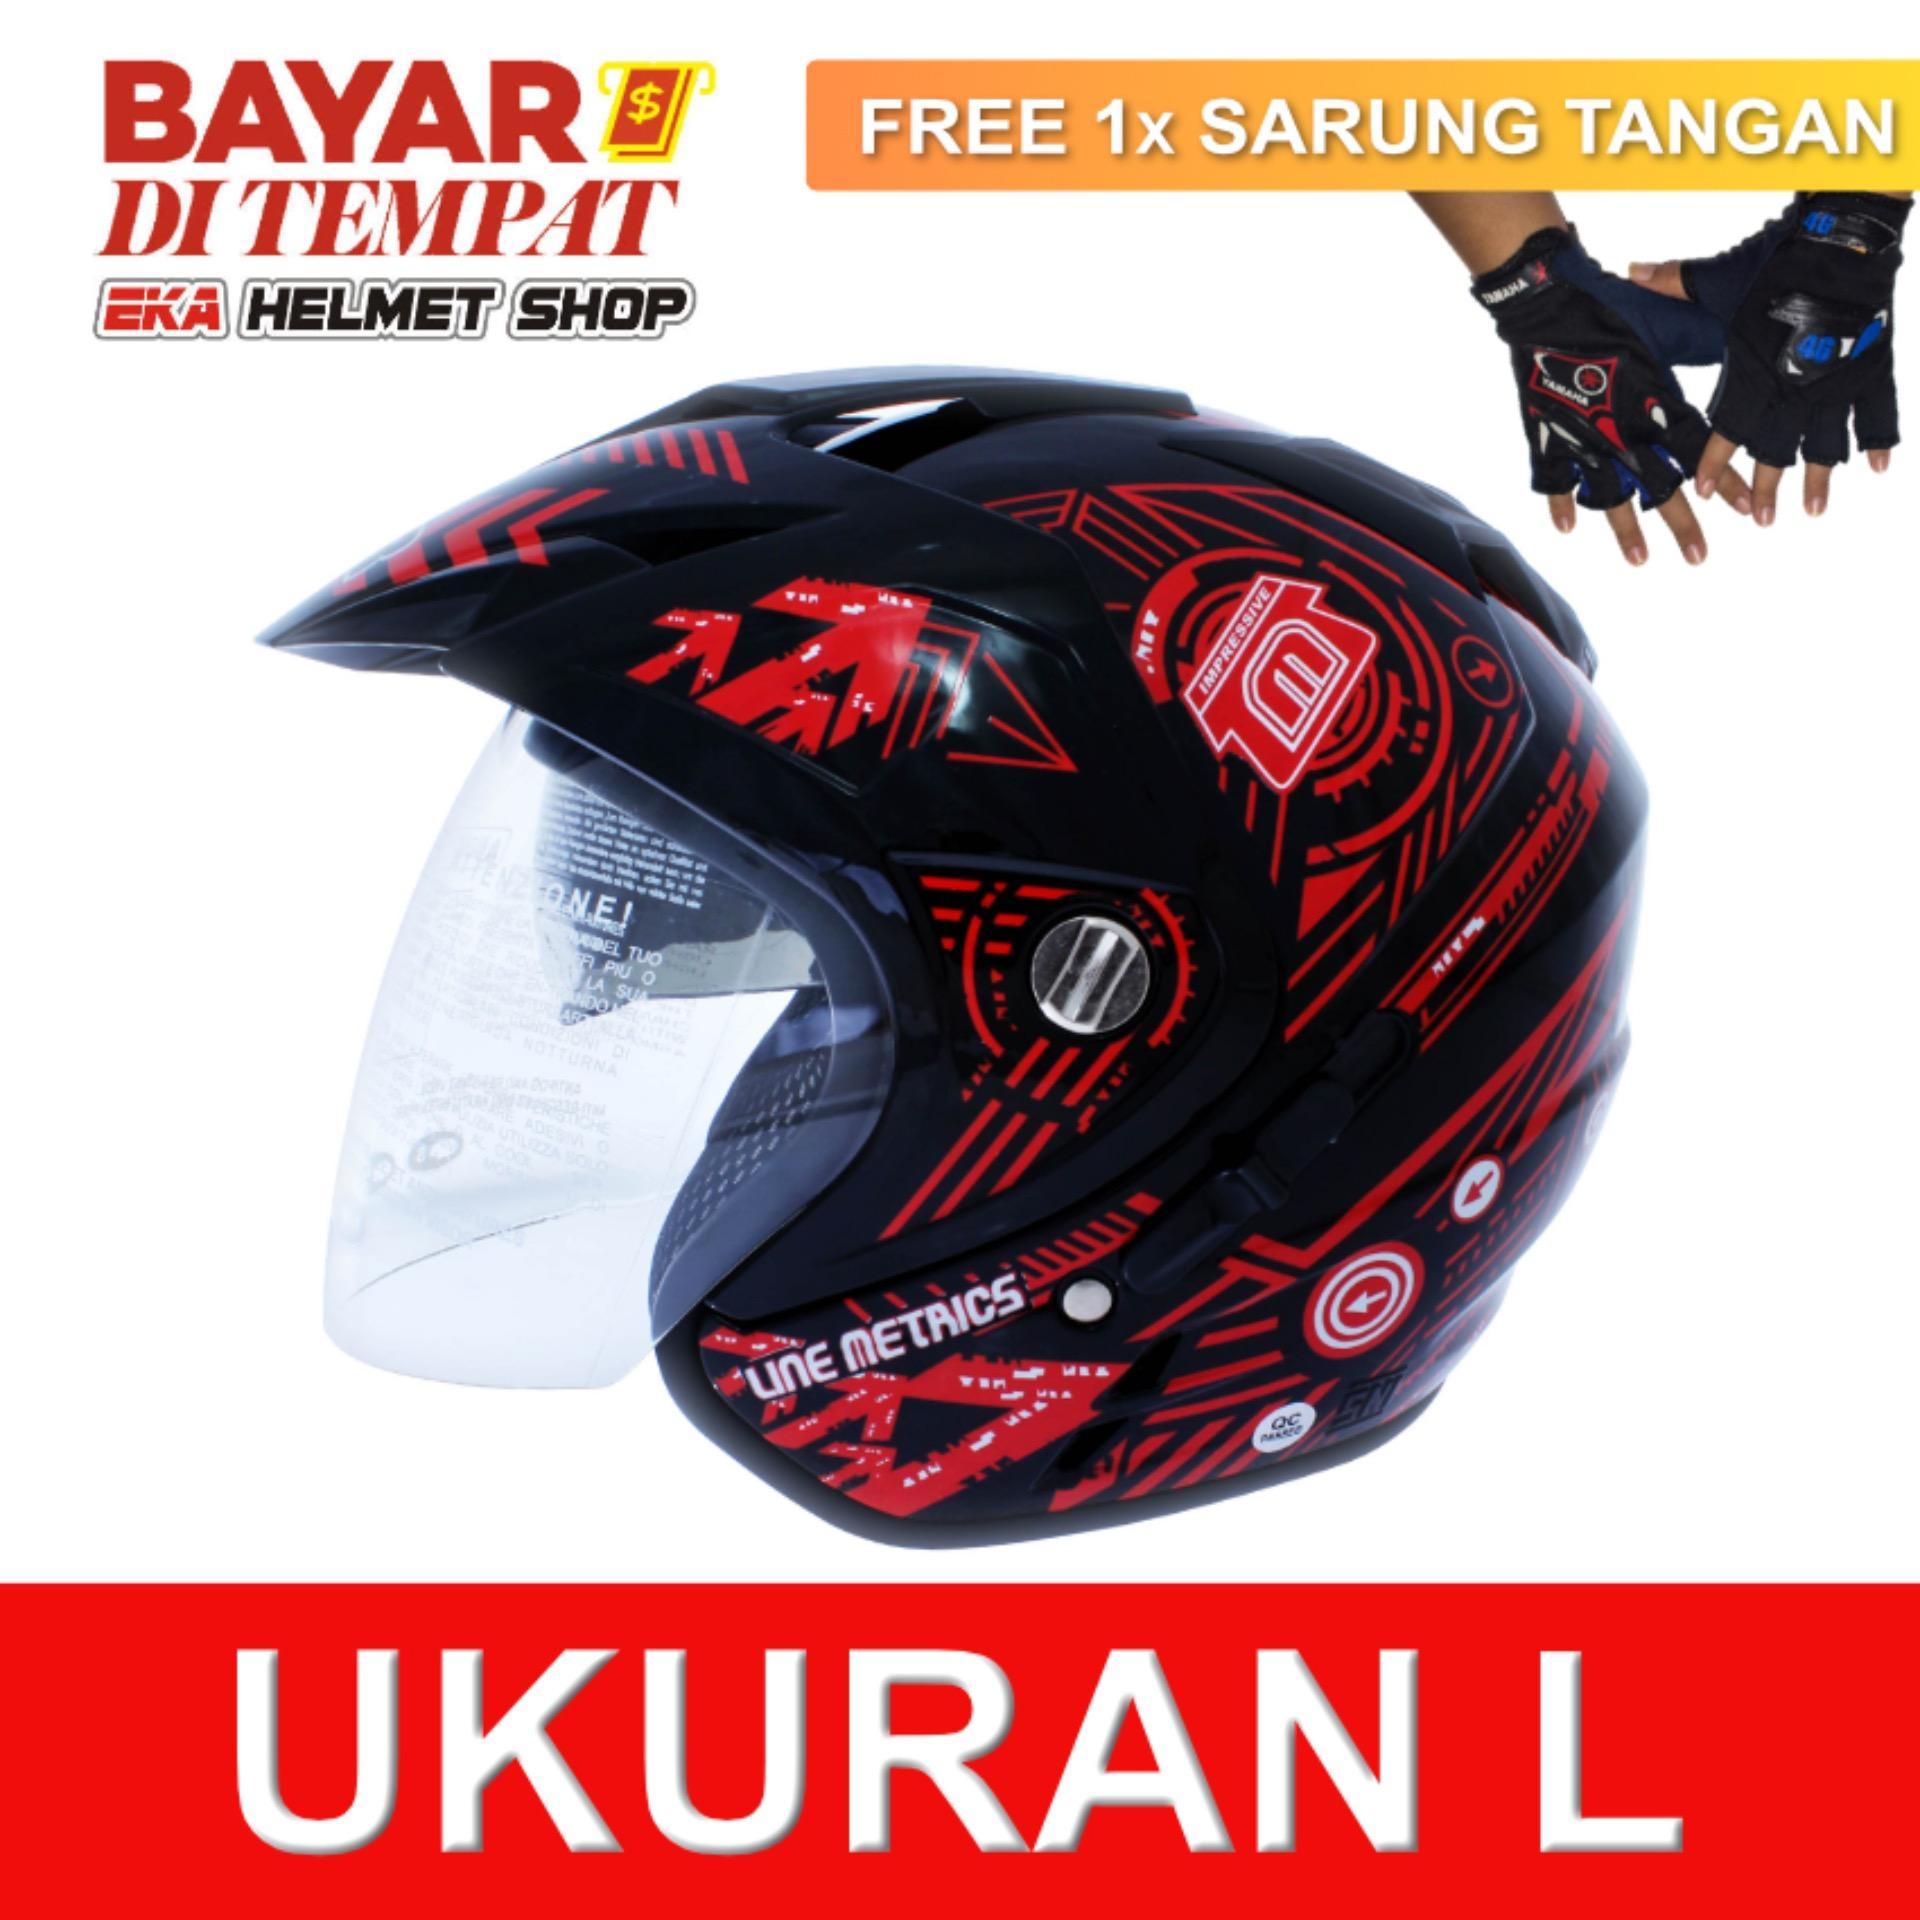 Beli Msr Helmet Impressive Line Matrics Black Red Promo Gratis Sarung Tangan Msr Helmet Dengan Harga Terjangkau